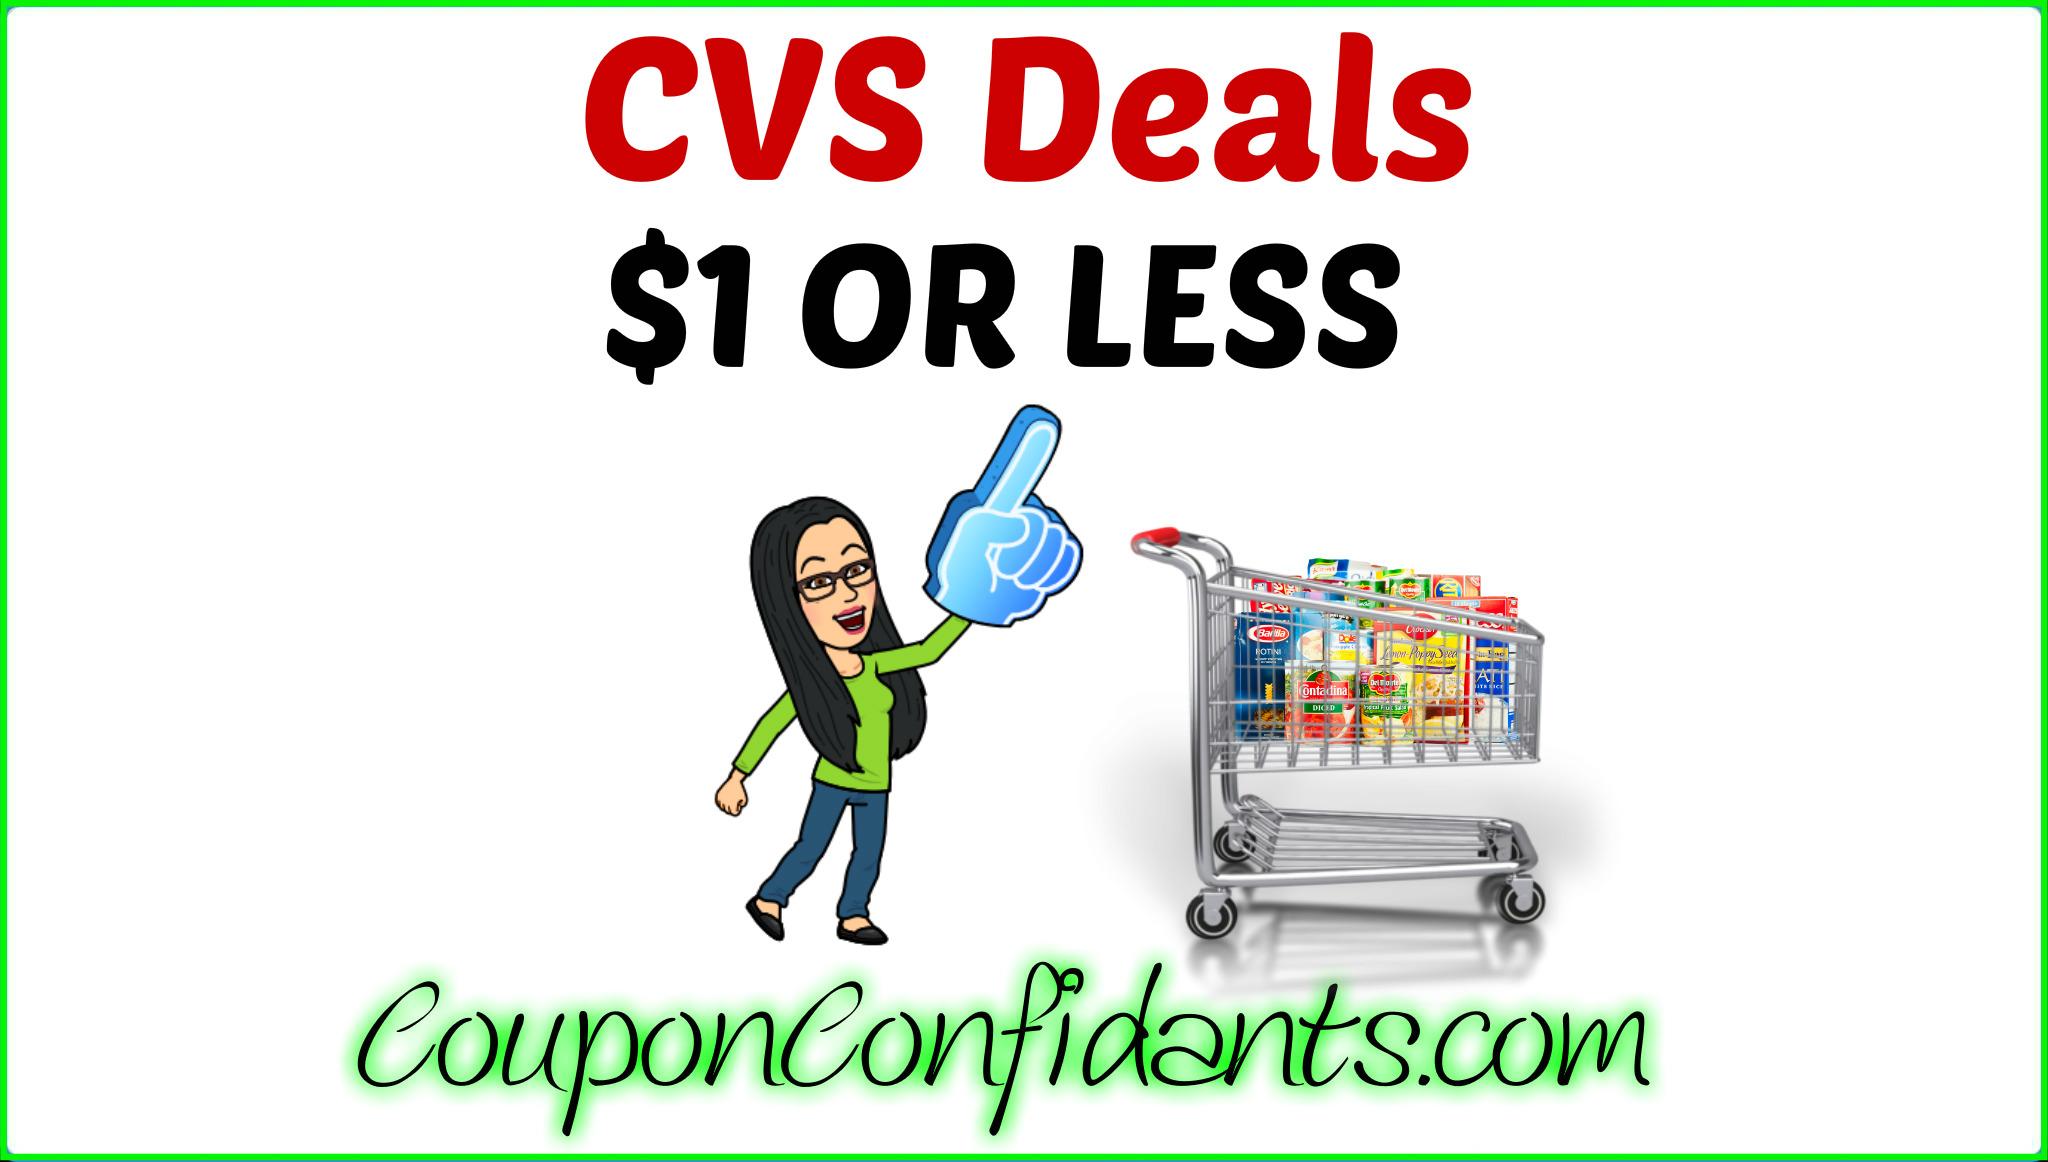 CVS $1 or less Deals!